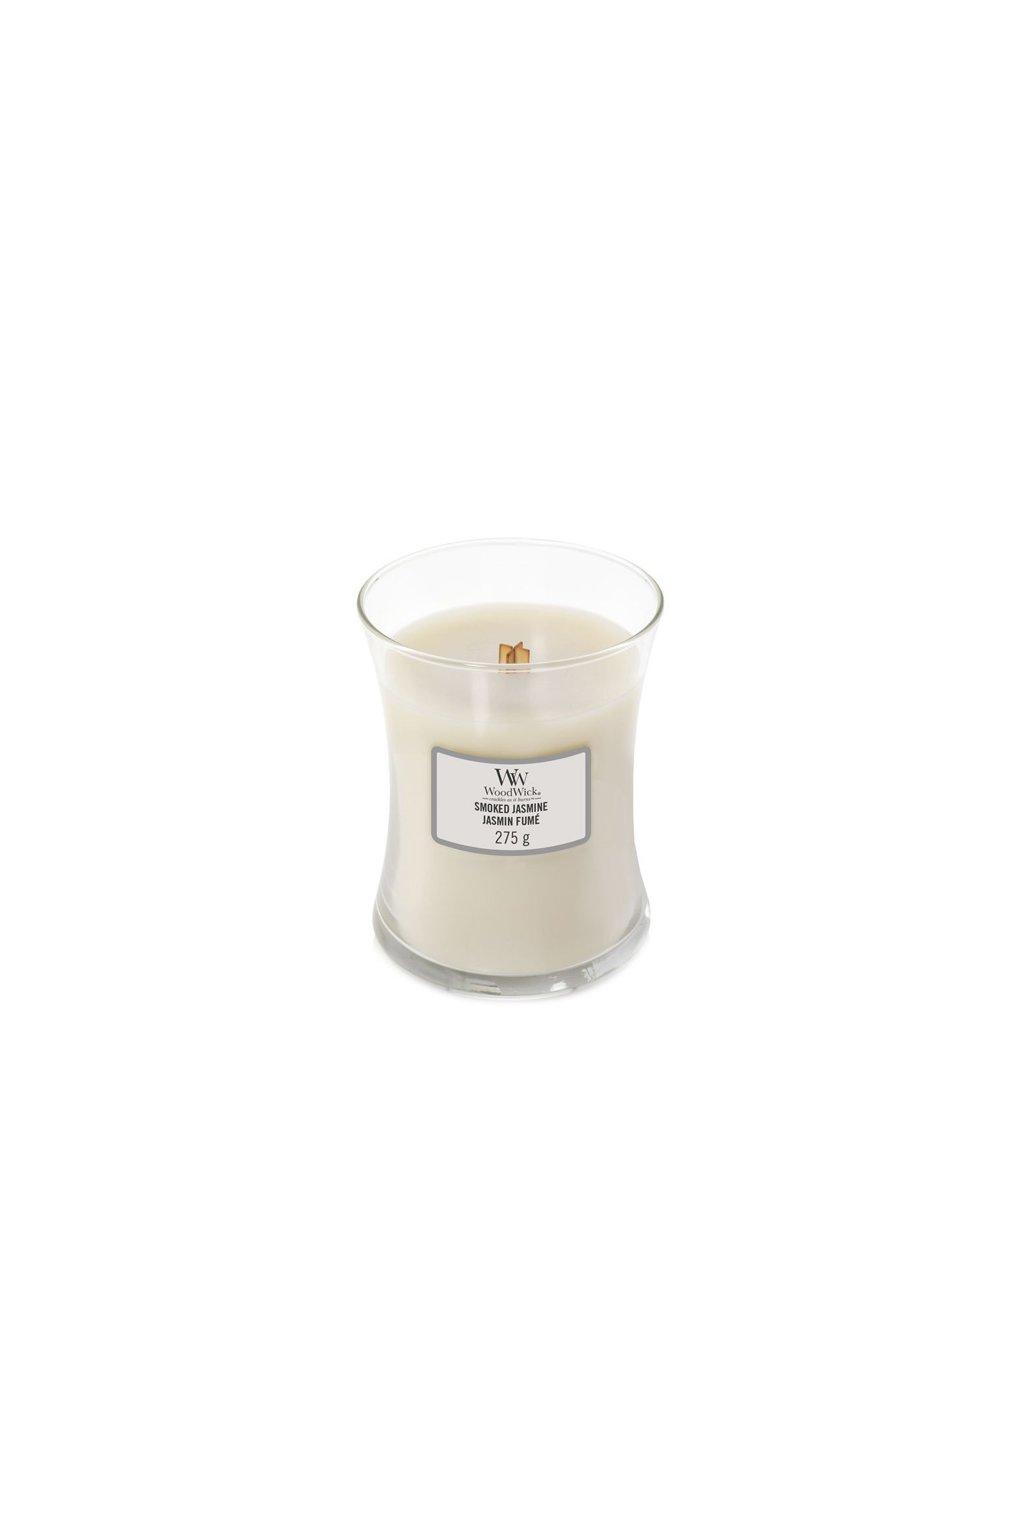 WoodWick Smoked Jasmine svíčka střední 275g